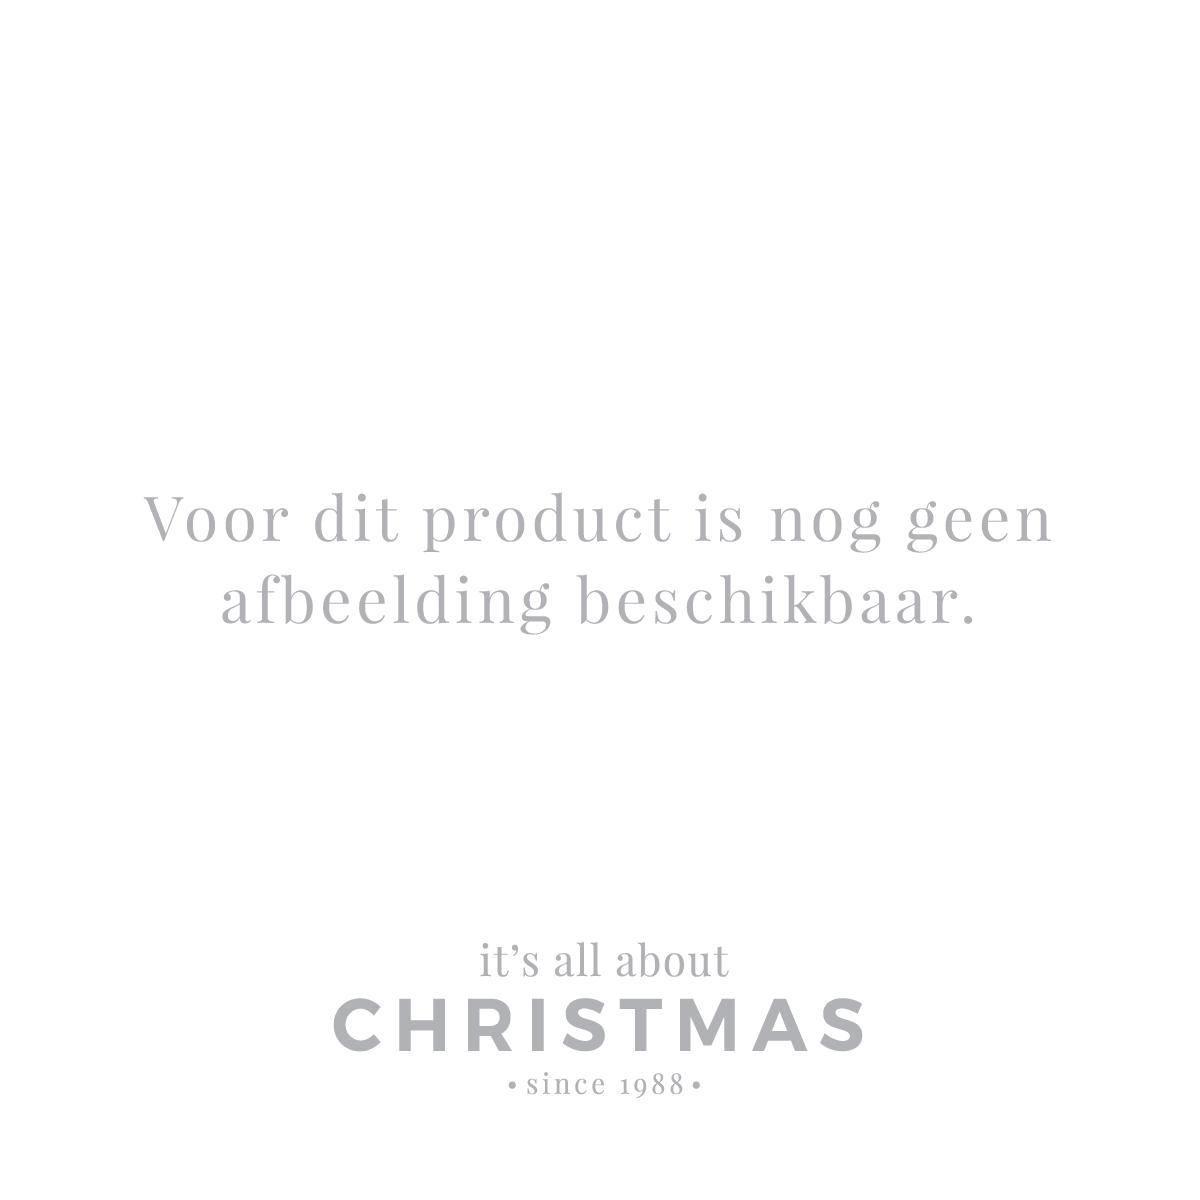 Künstlicher Weihnachtsbaum Wie Echt.Künstliche Weihnachtsbäume Kaufen Weihnachtsdekoration At